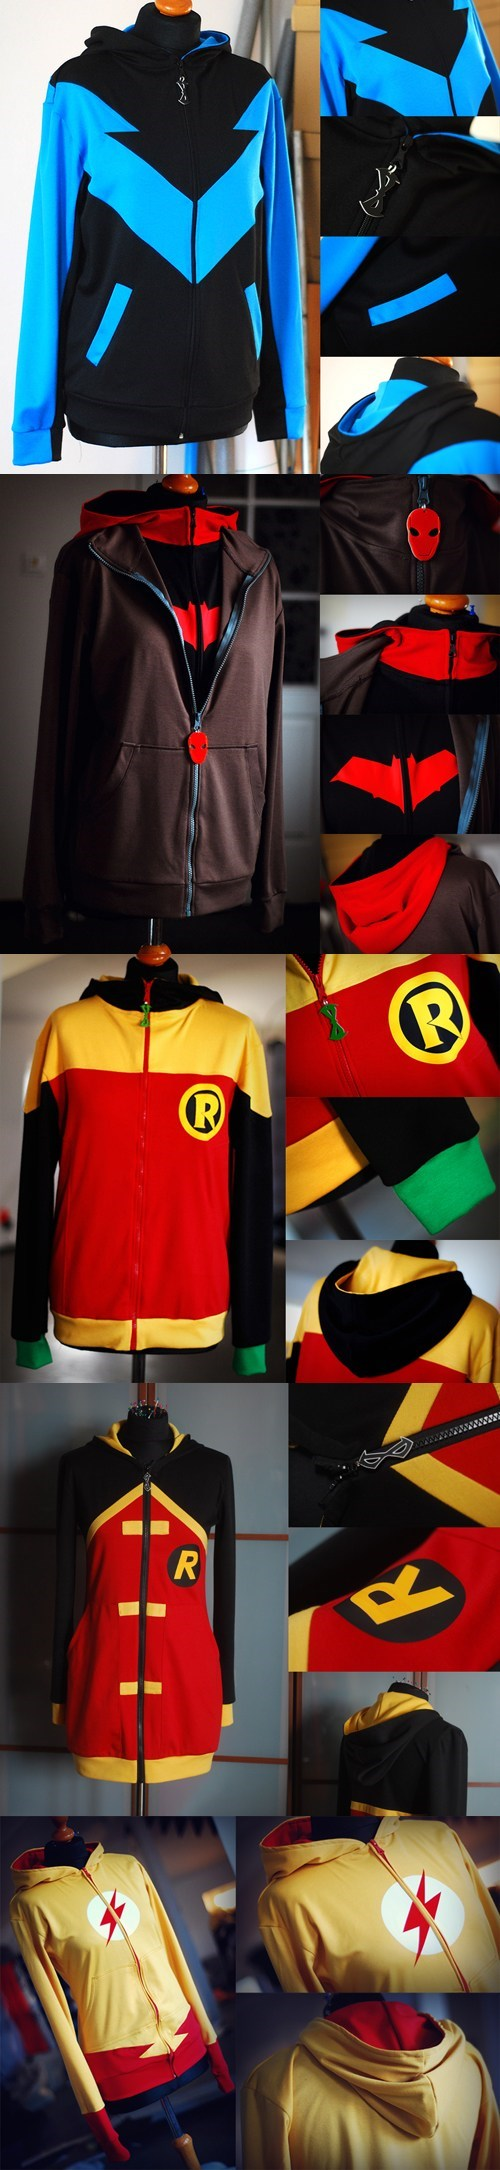 for sale,superheroes,hoodies